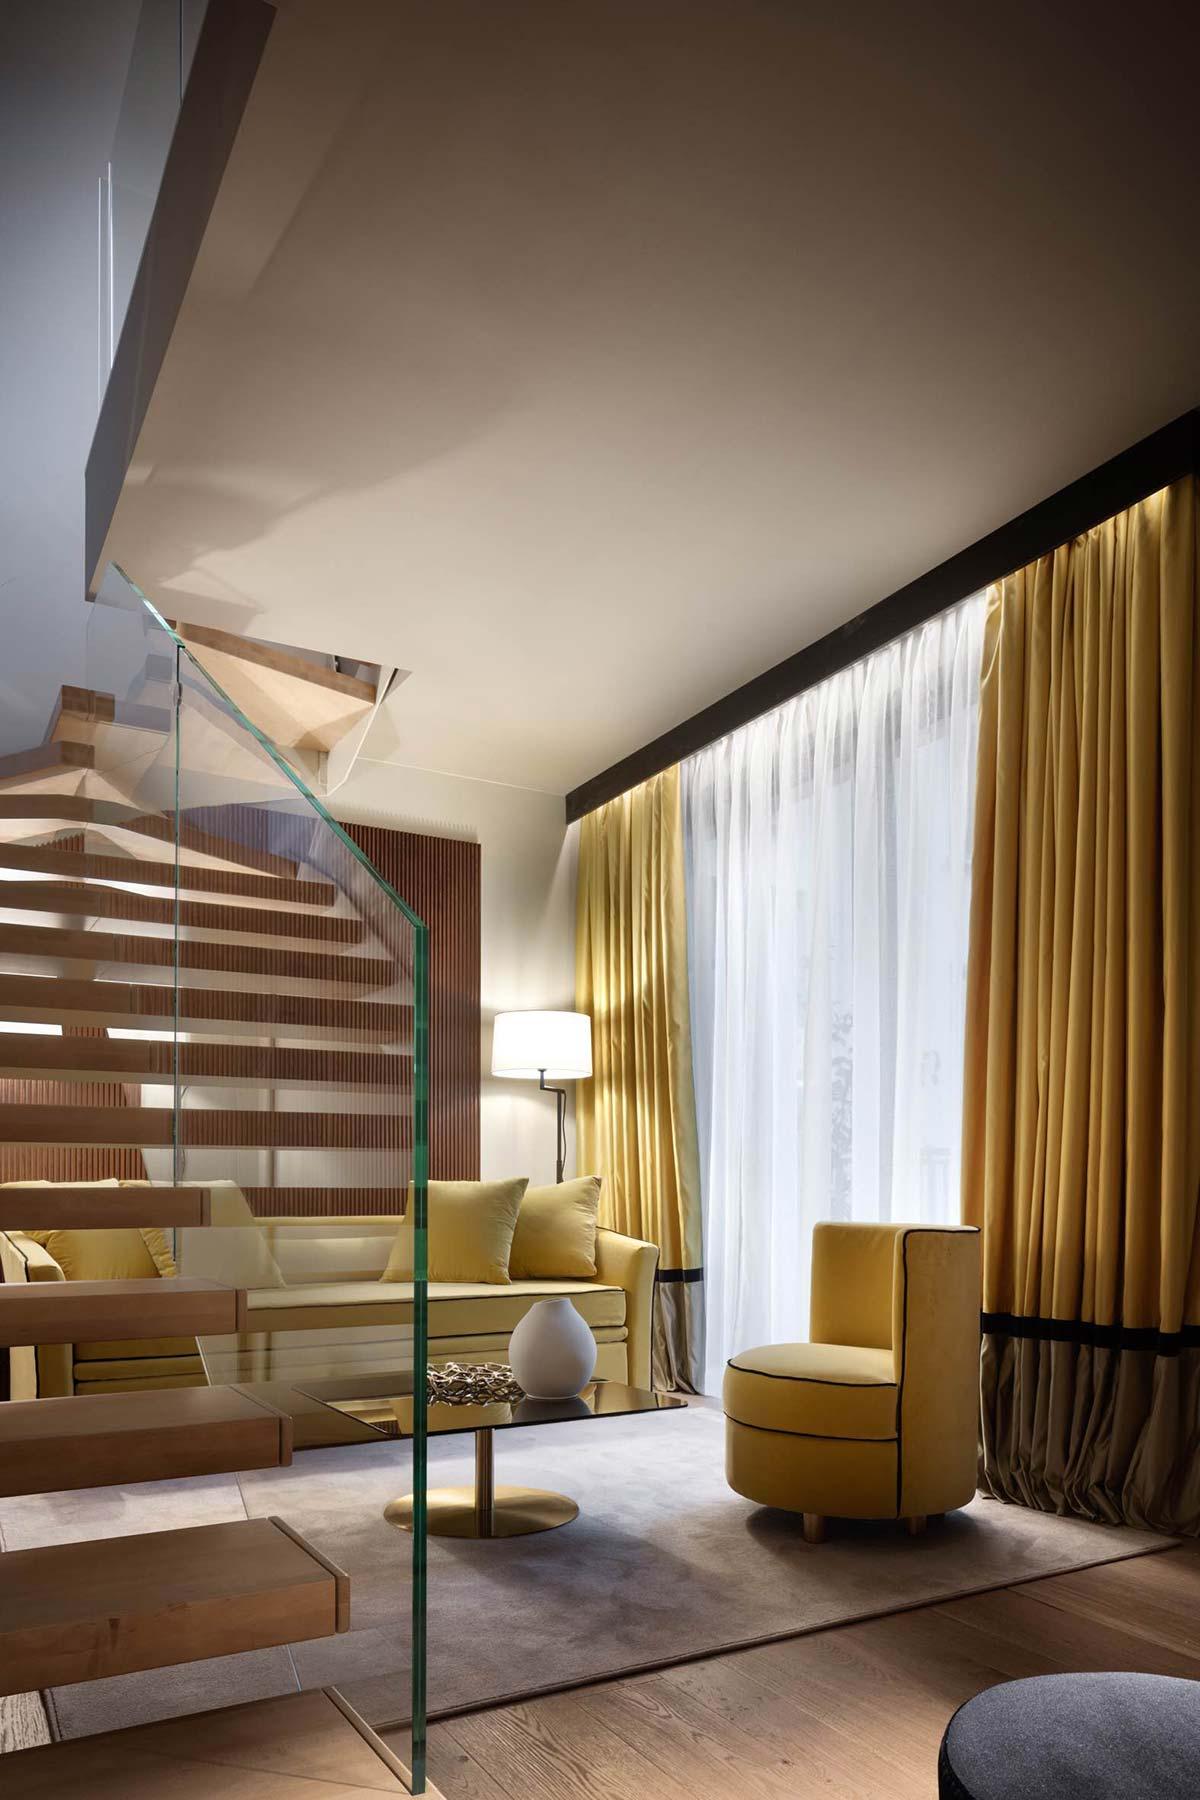 Suite Duplex, Speronari Suites @Thomas Pagani